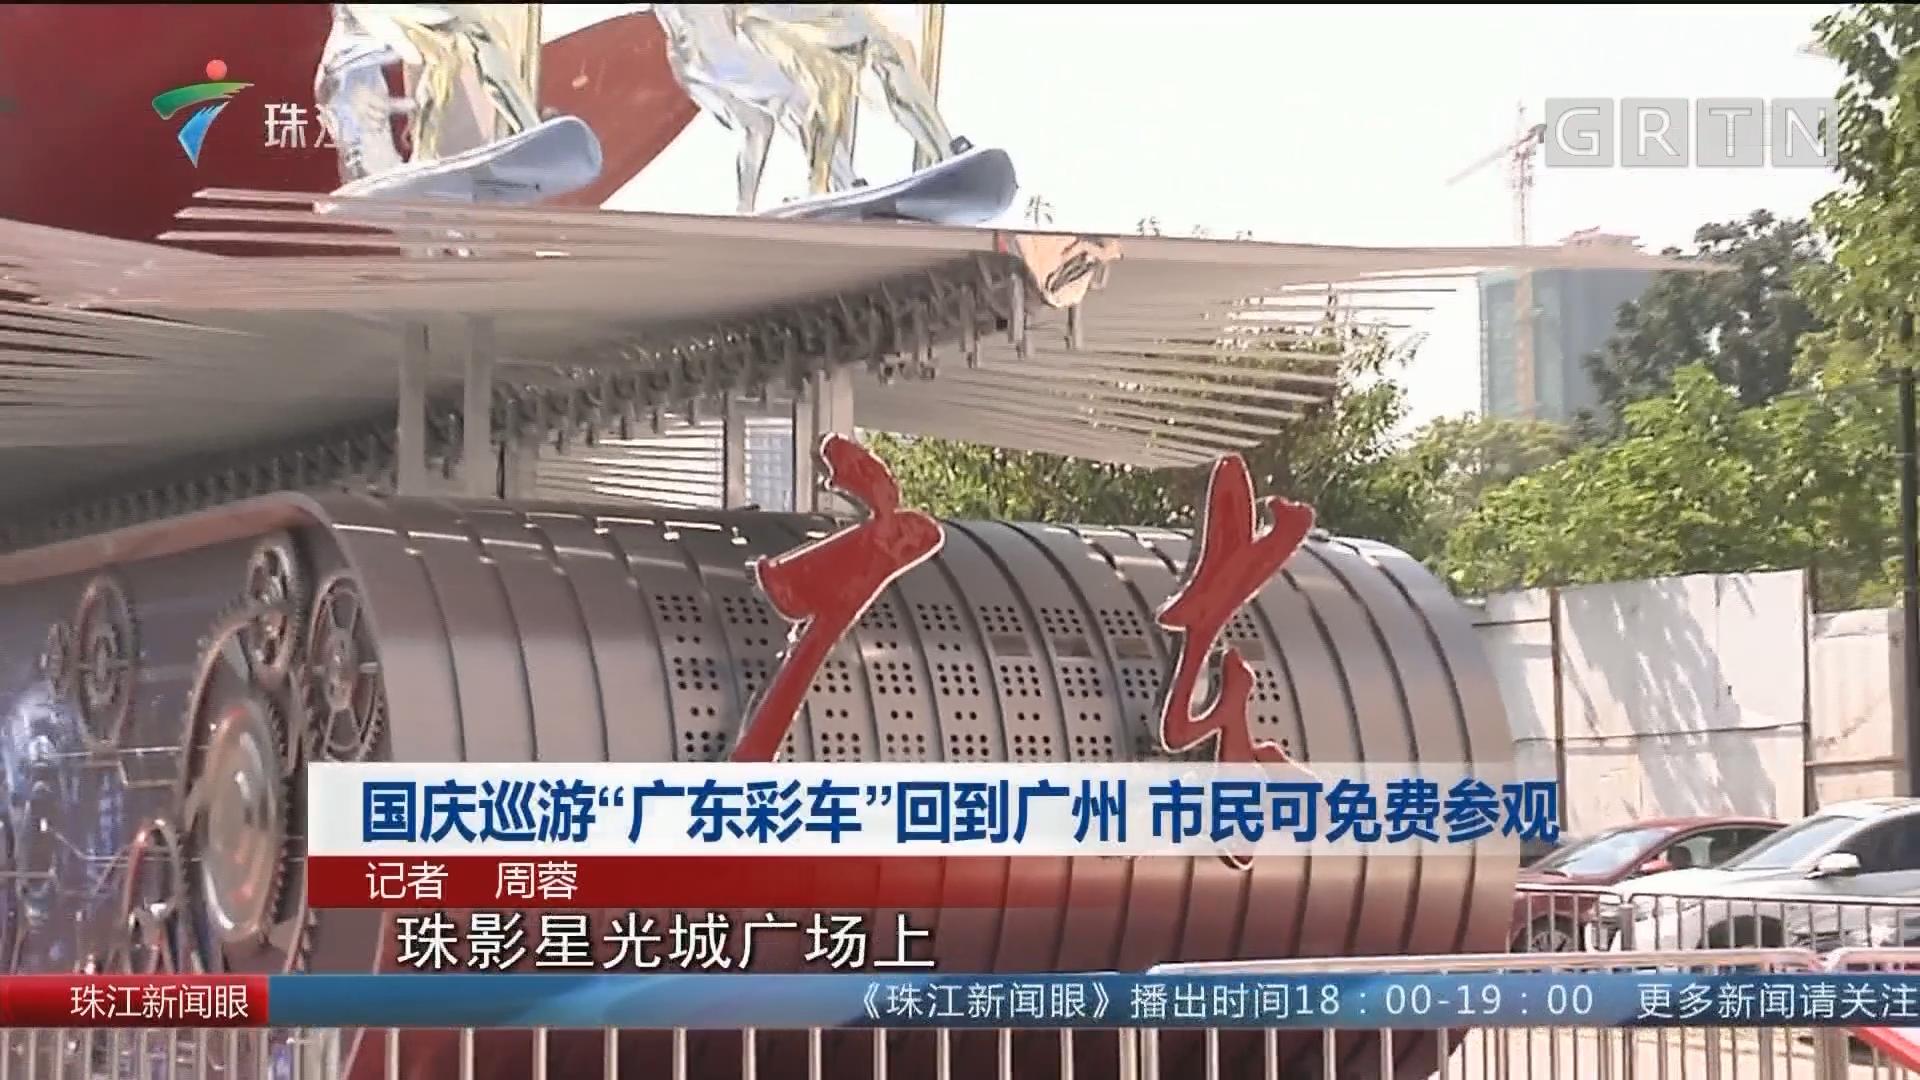 """国庆巡游""""广东彩车""""回到广州 市民可免费参观"""